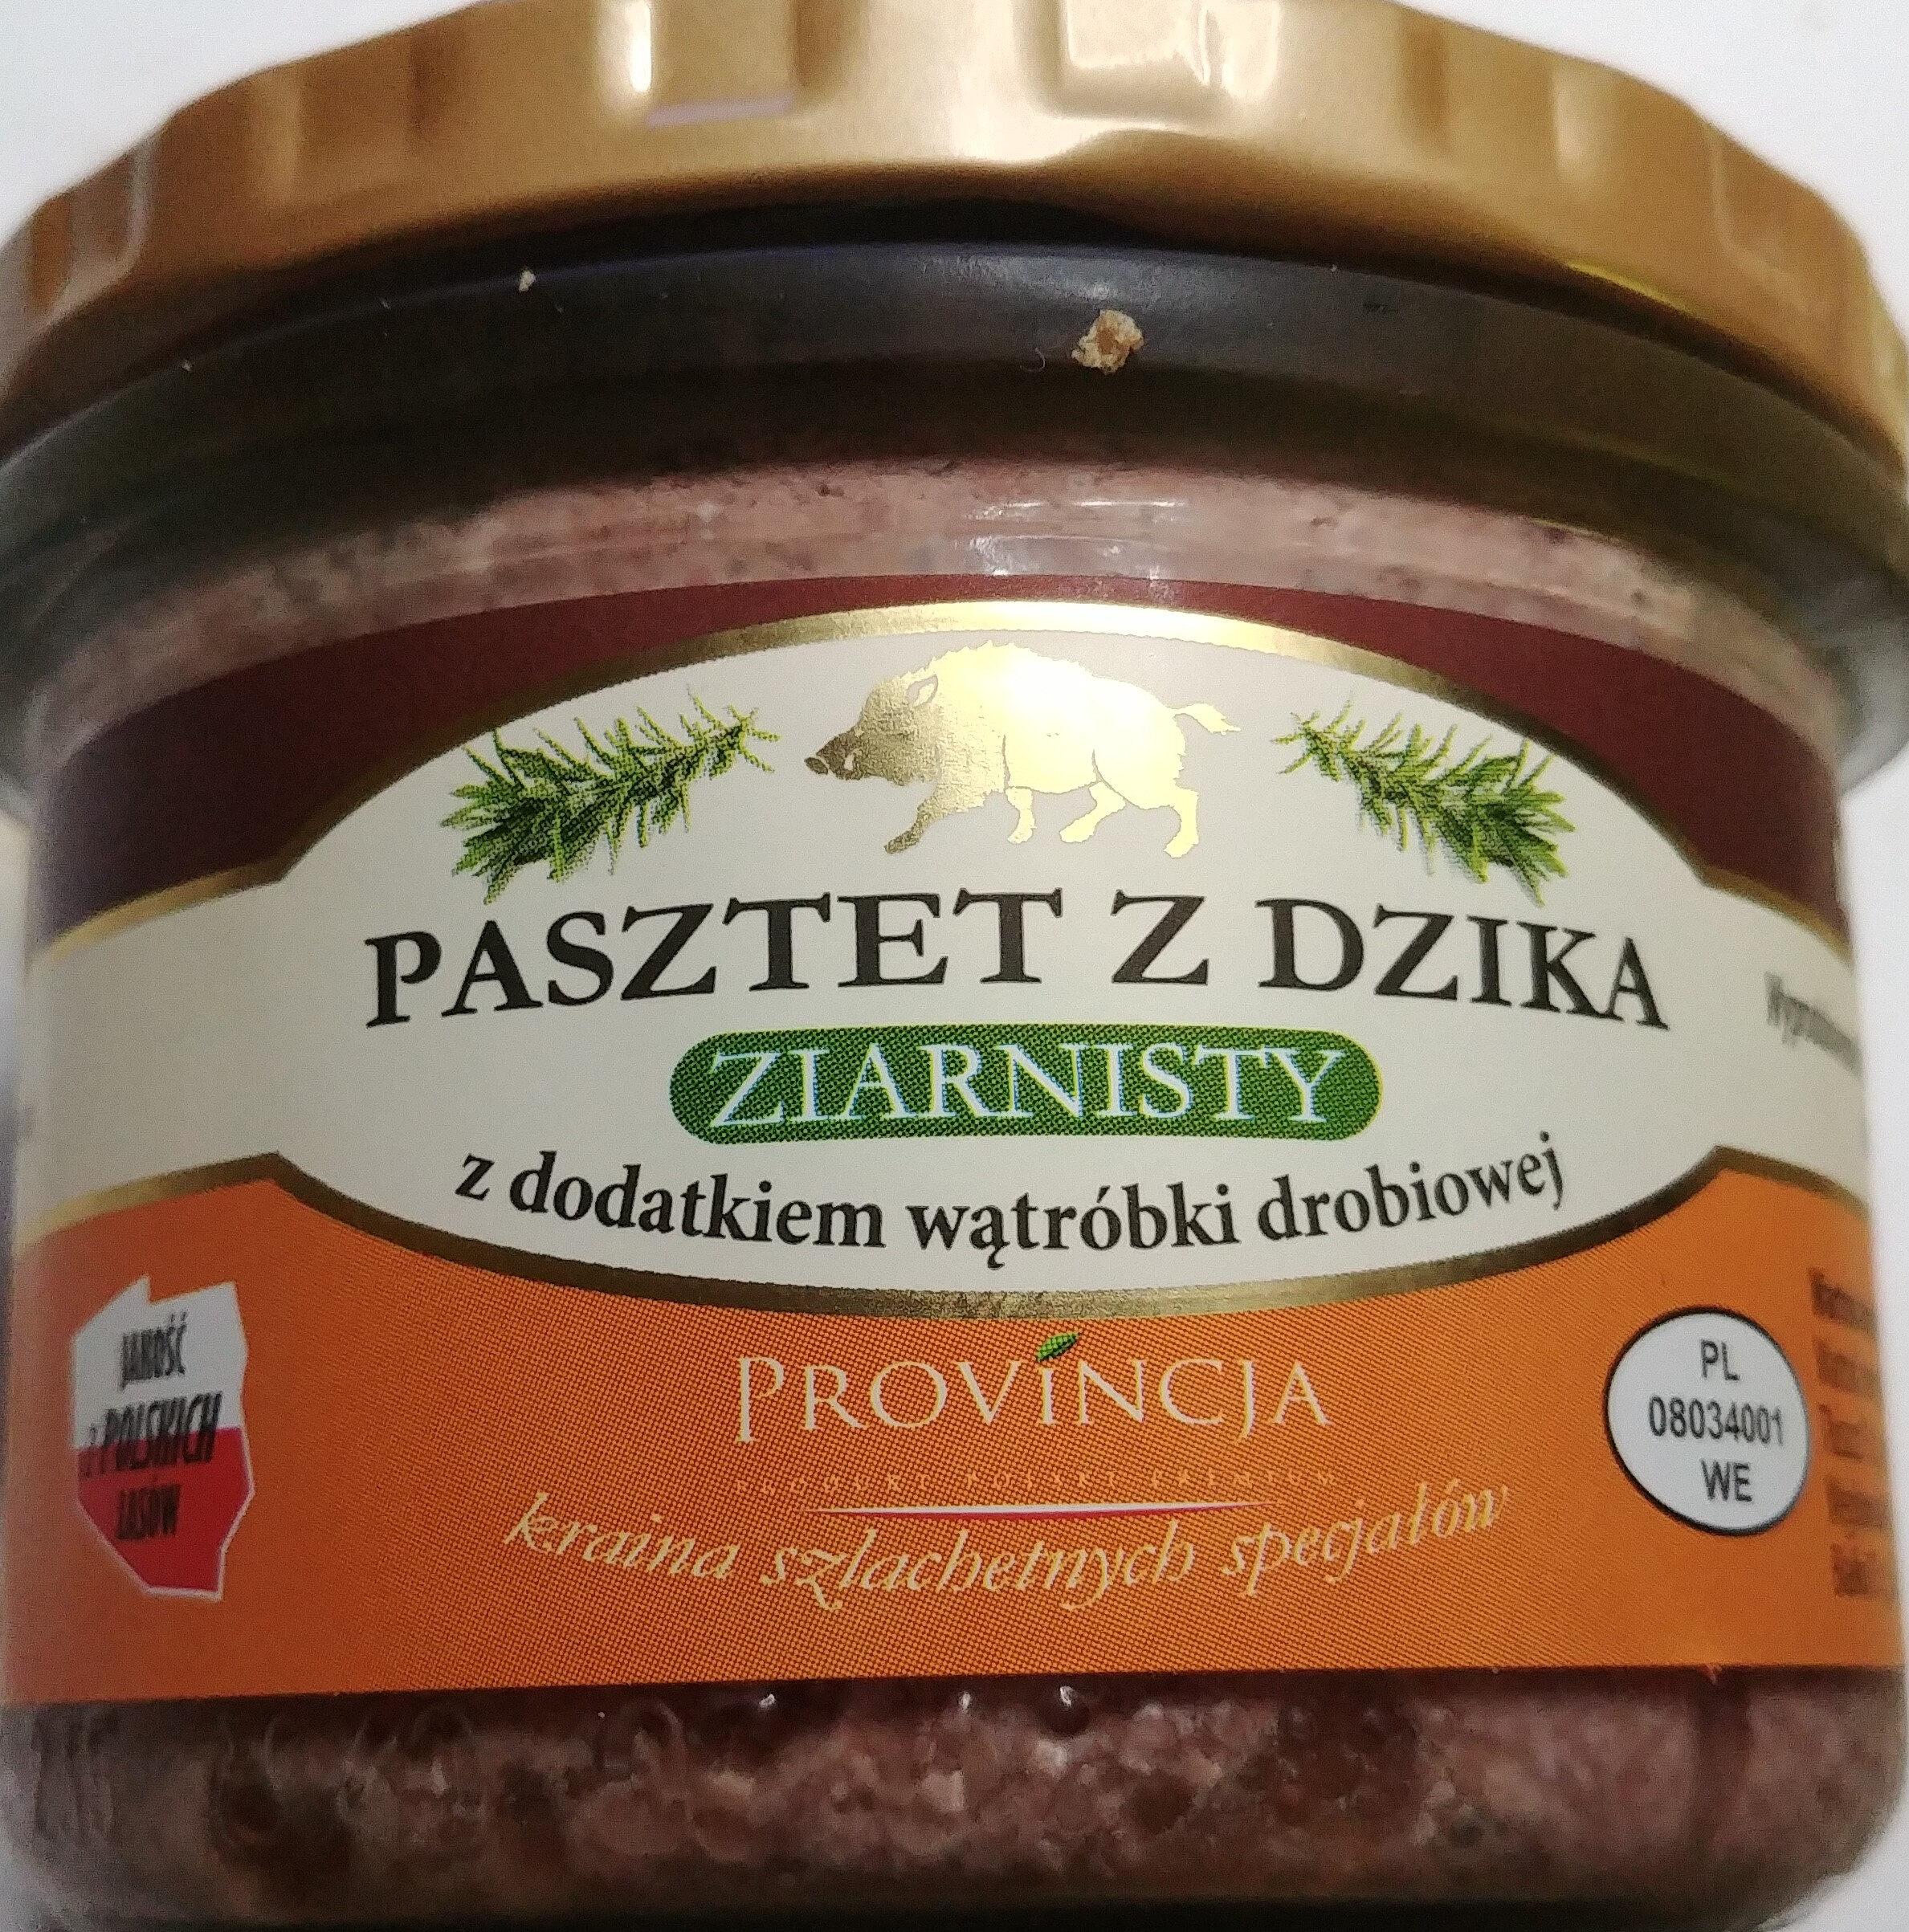 Pasztet z dzika z wątróbką drobiową - Produkt - pl